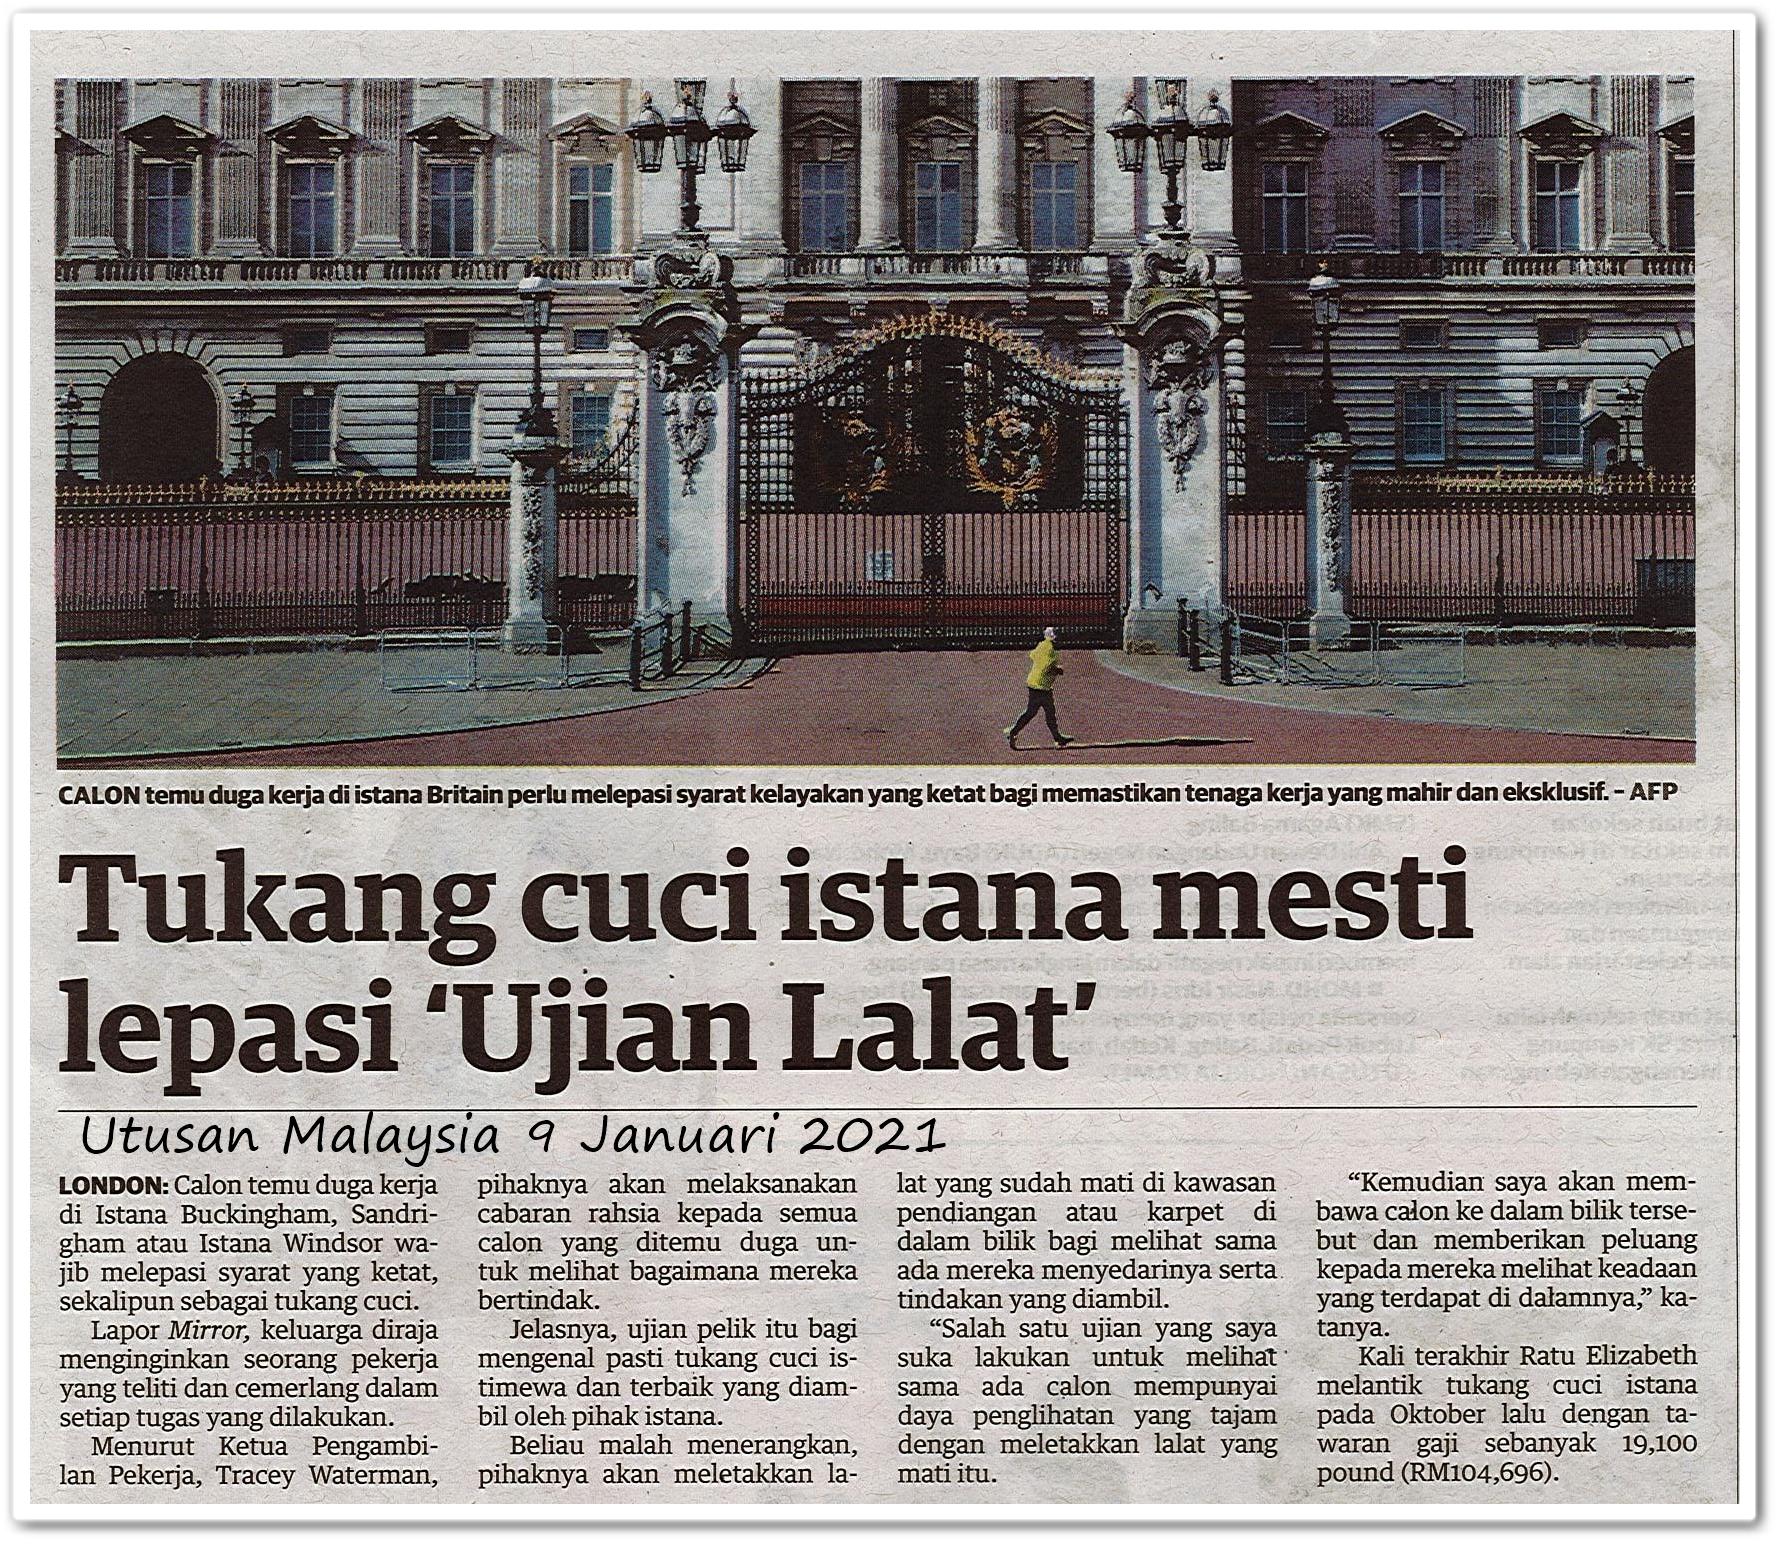 Tukang cuci istana mesti lepasi 'Ujian Lalat' - Keratan akhbar Utusan Malaysia 9 Januari 2021